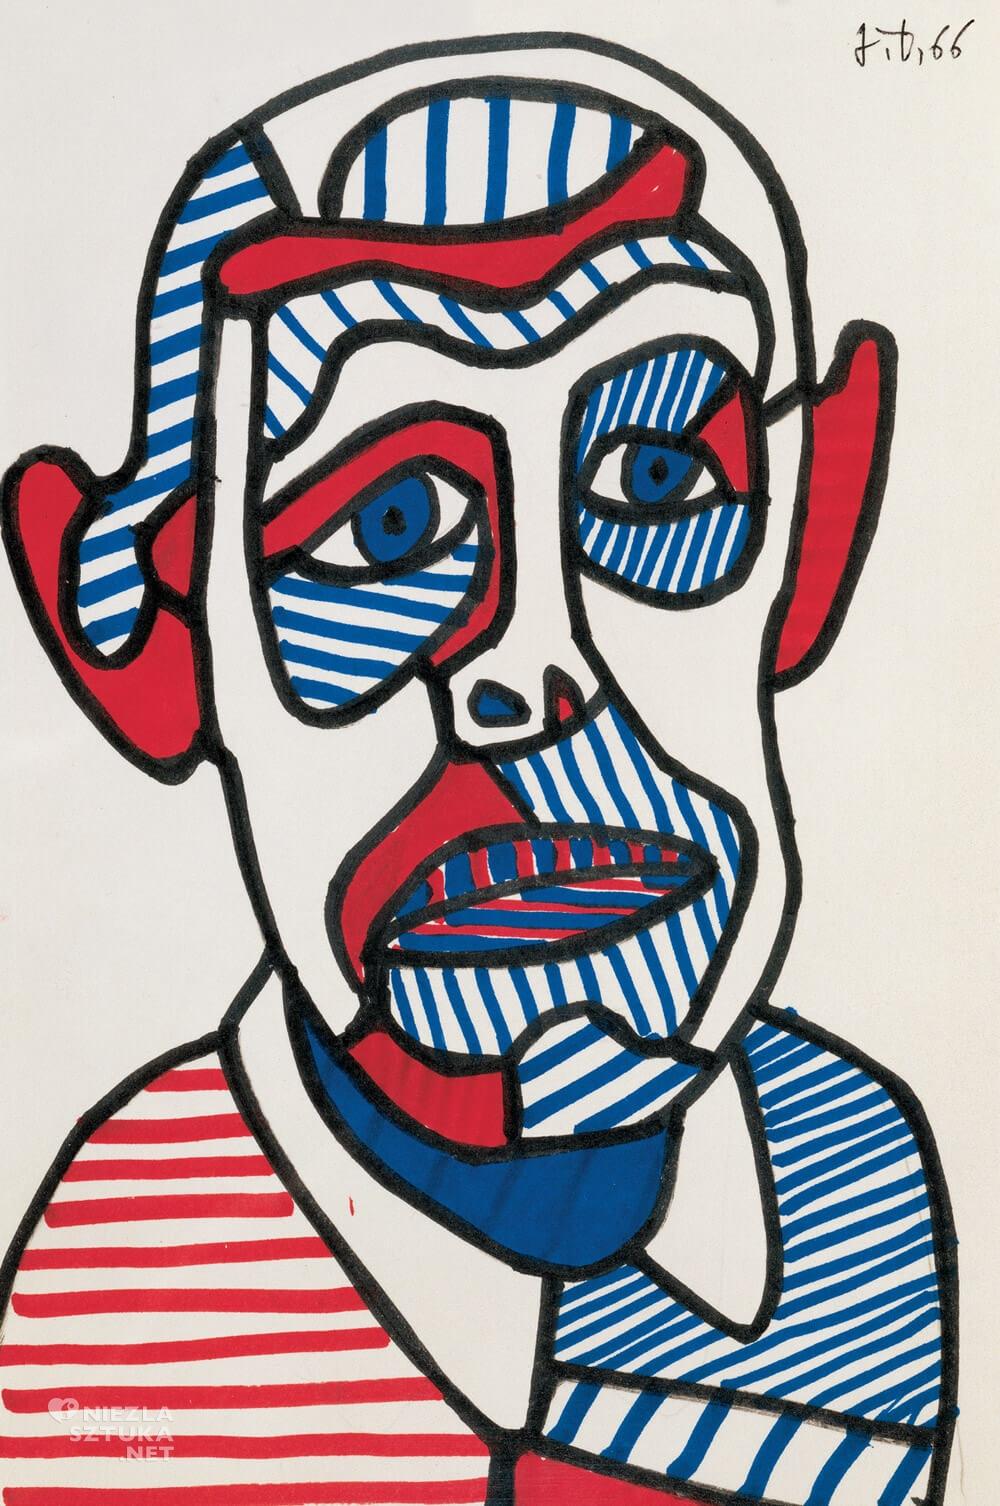 Jean Dubuffet, autoportret, malarz, rzeźbiarz, sztuka francuska, Niezła sztuka